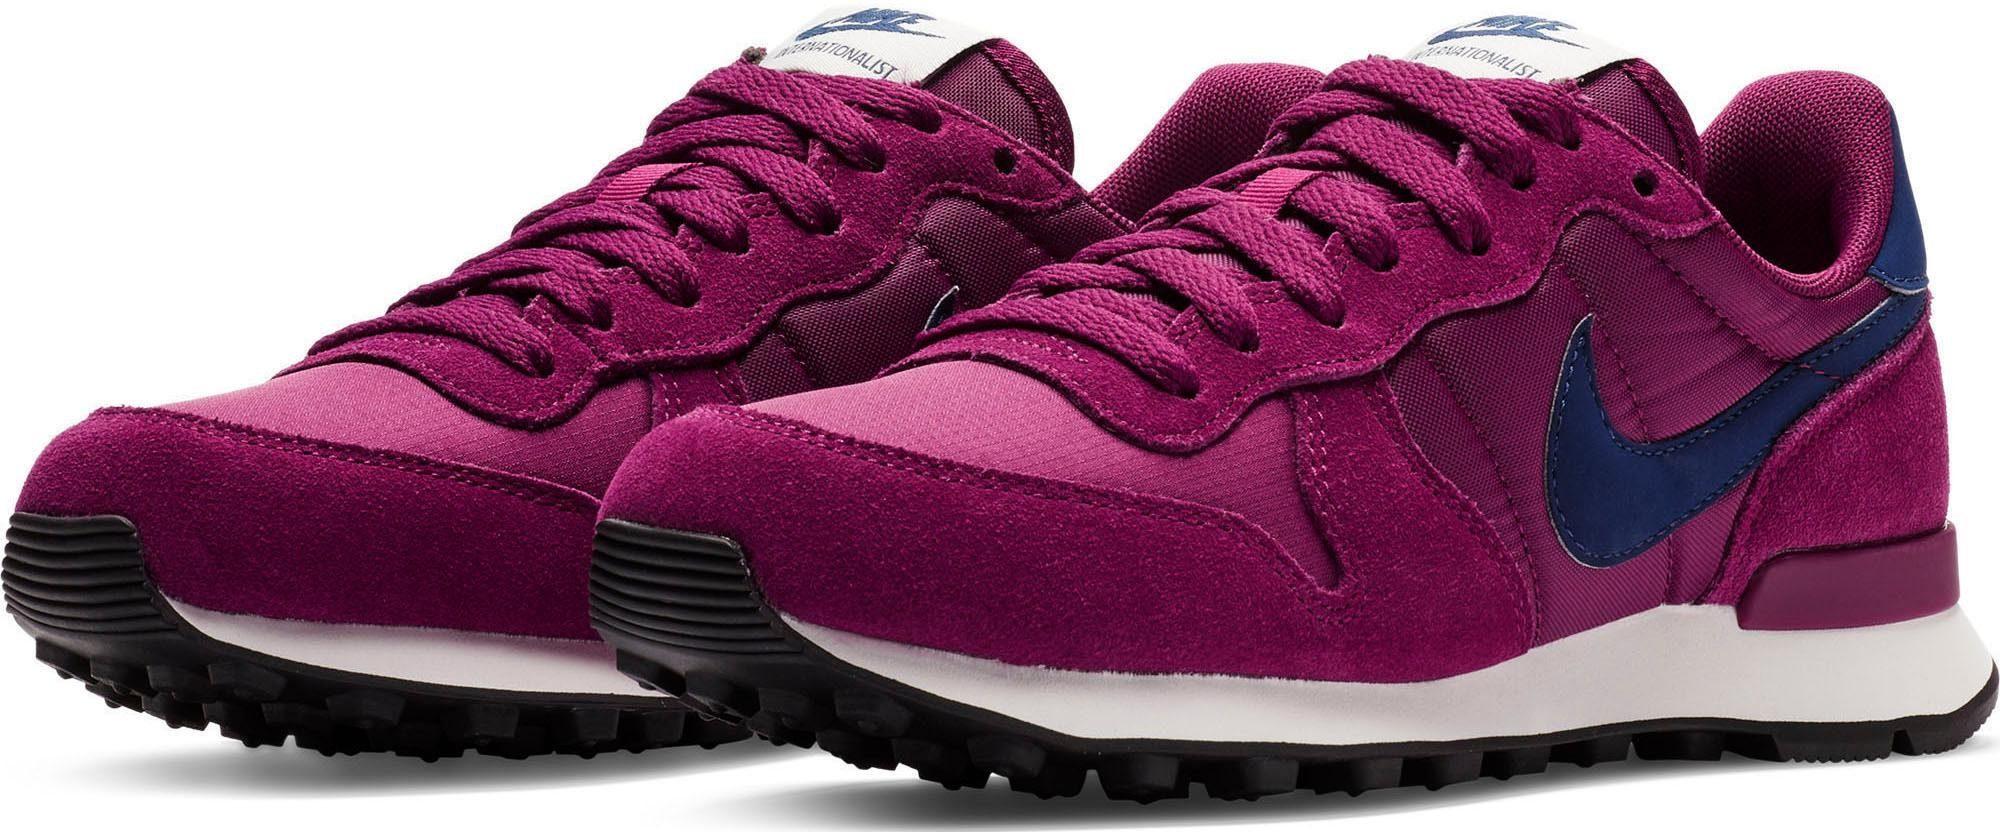 Nike »Internationalist« Sneaker, Angenehmer Tragekomfort online kaufen | OTTO